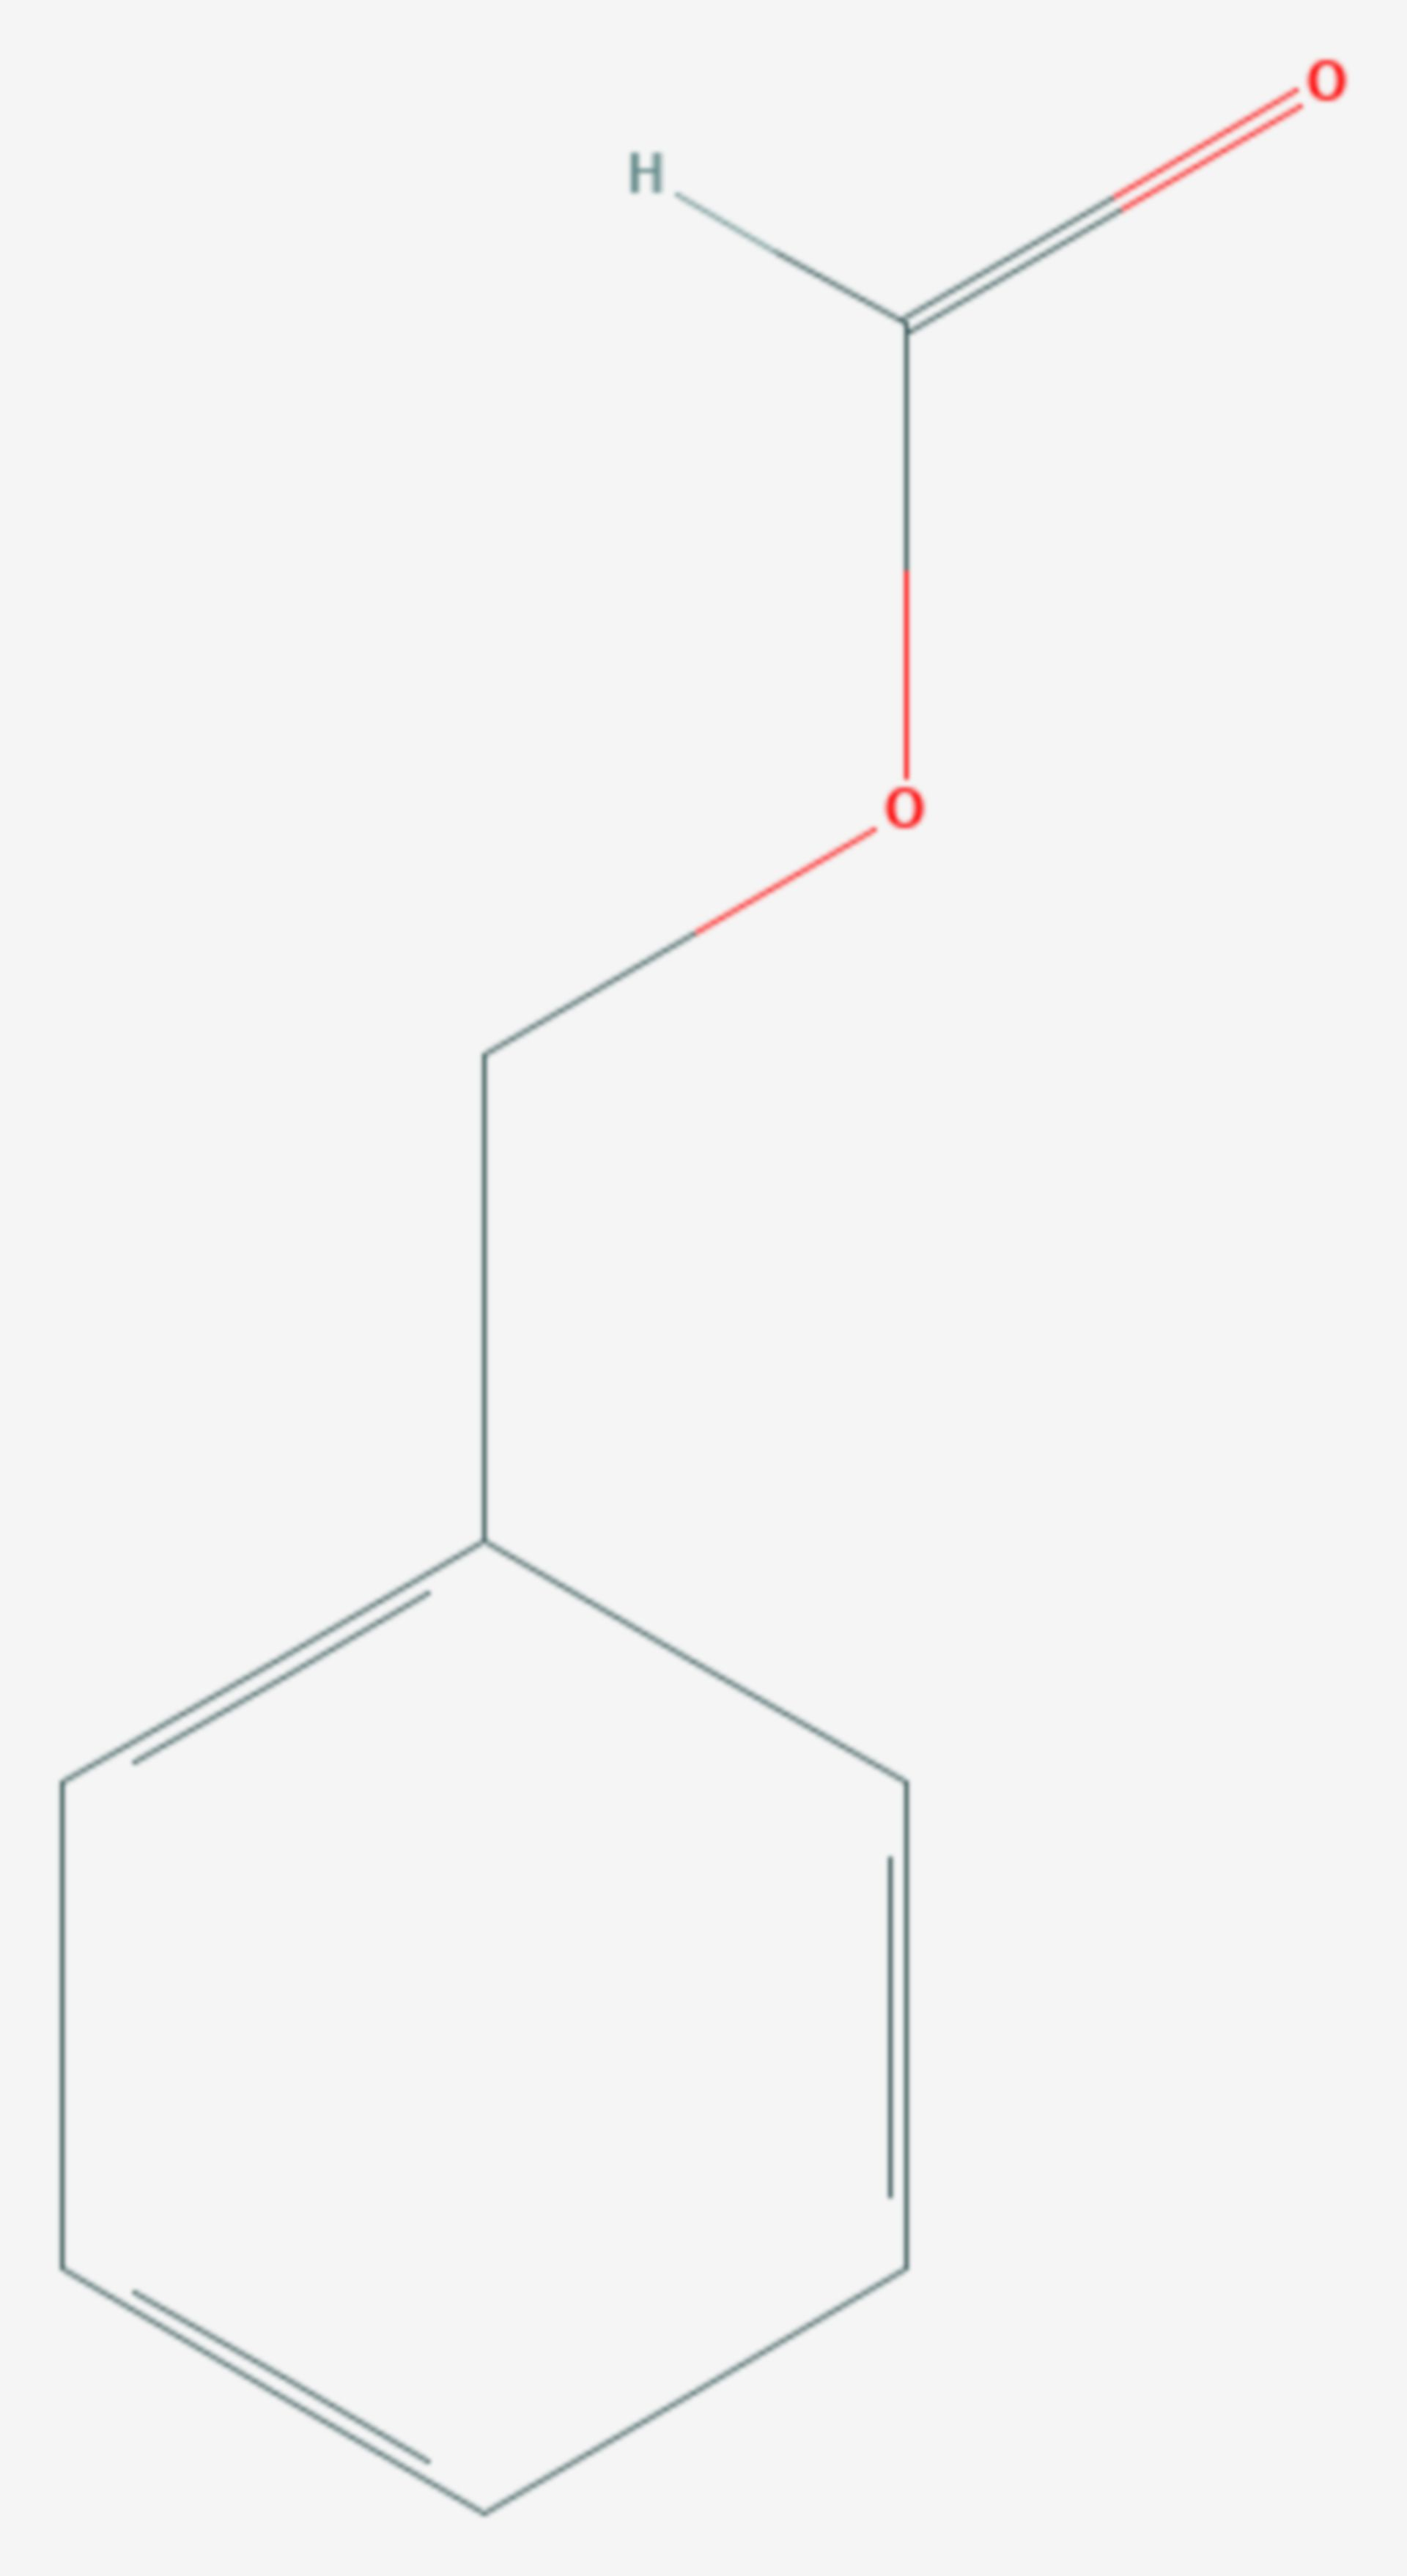 Ameisensäurebenzylester (Strukturformel)